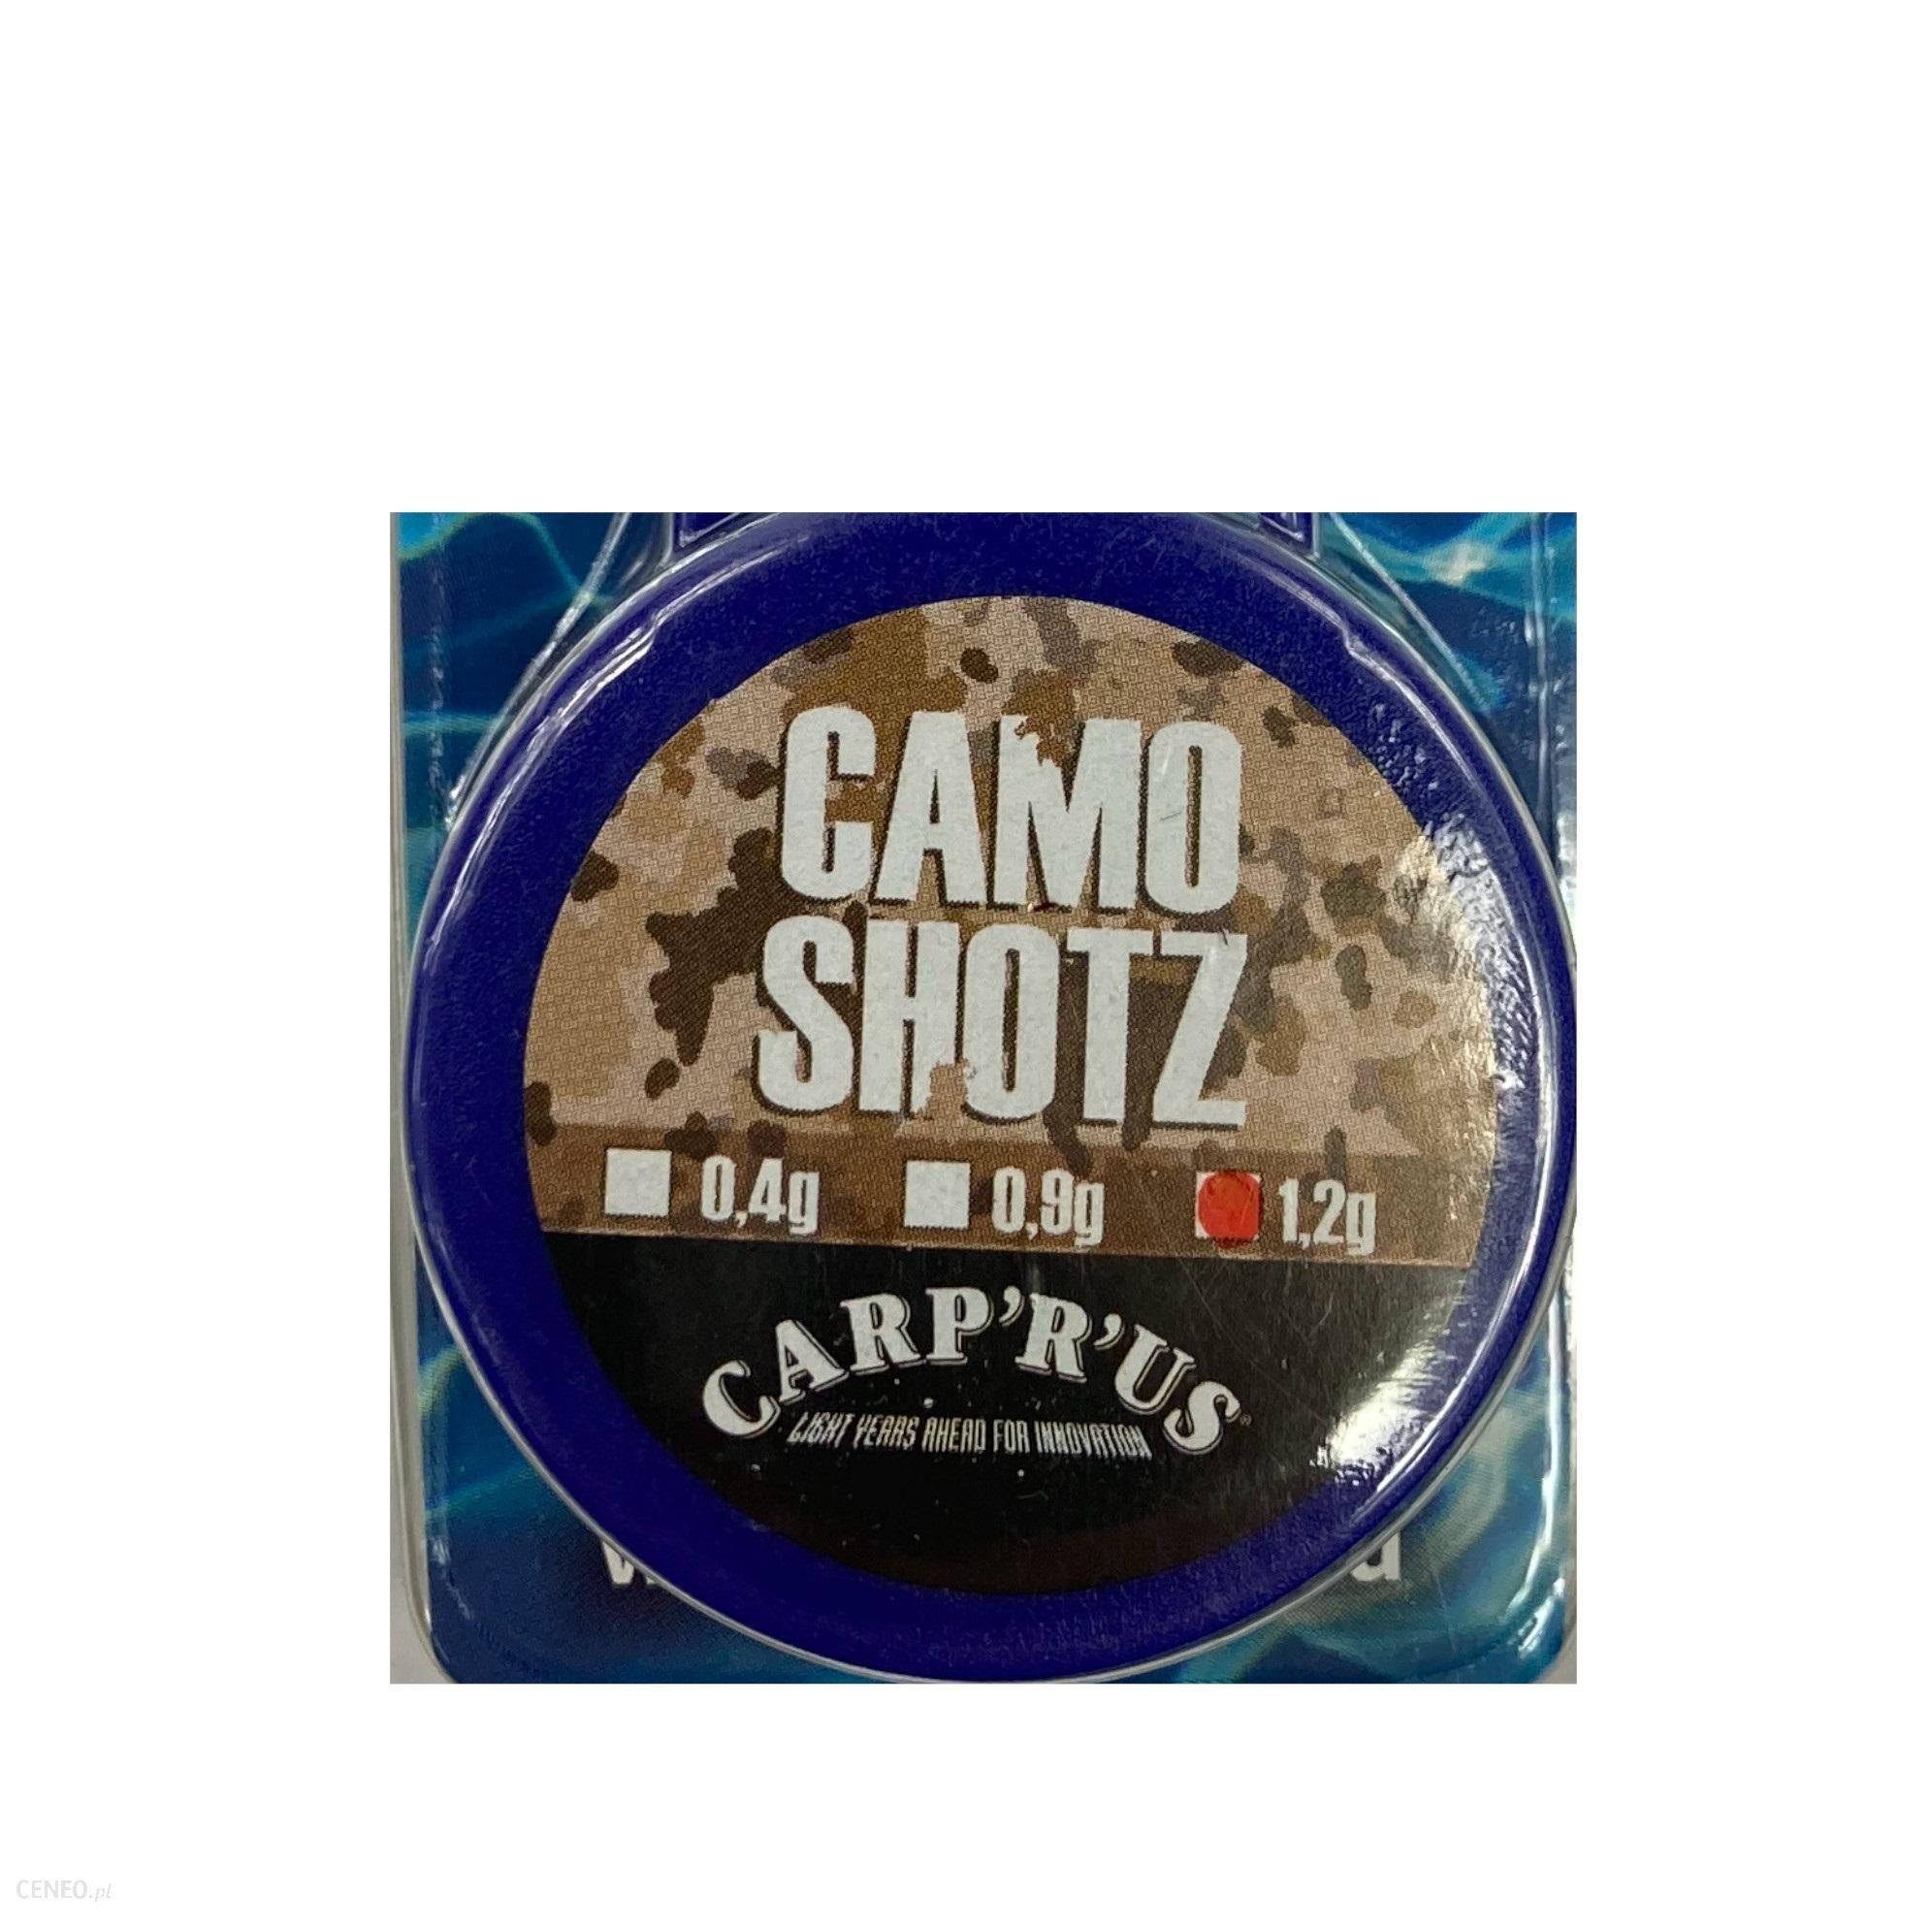 Carp'R'Us Dociążenia Przyponu Camo Shotz 1.2G Zielone